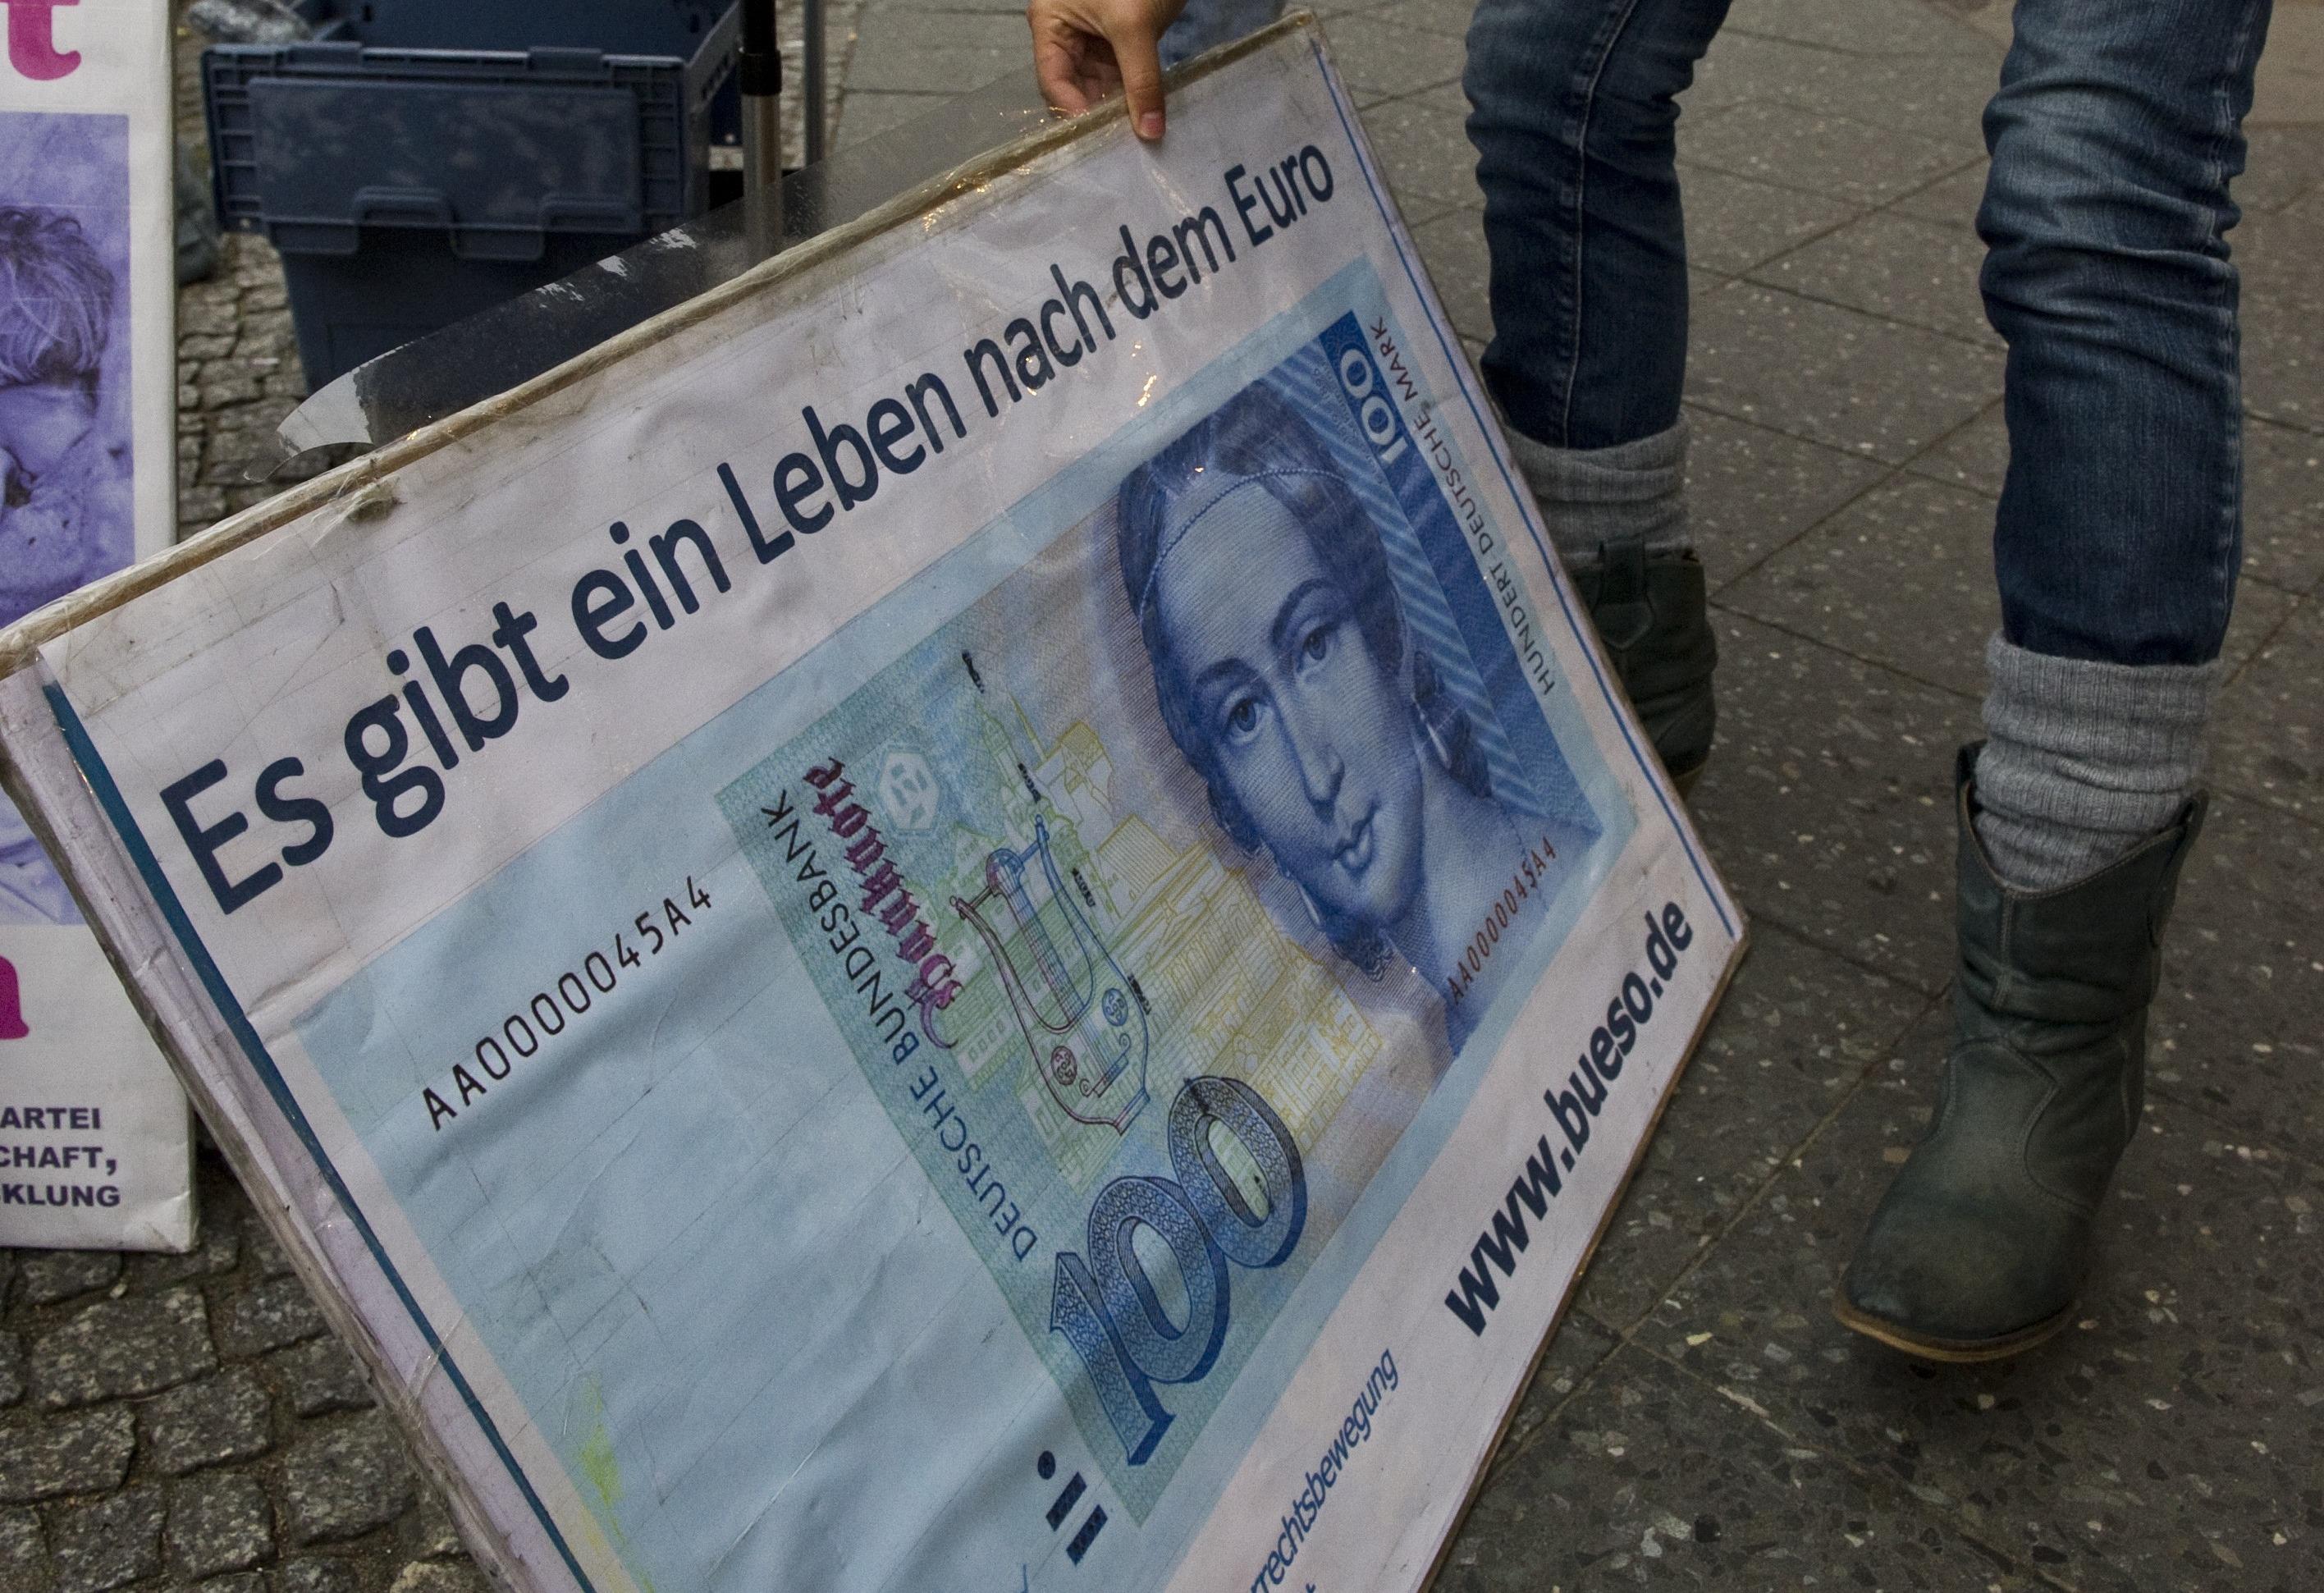 US-Ökonomen fordern Dexit: Deutschlands Austritt aus dem Euro